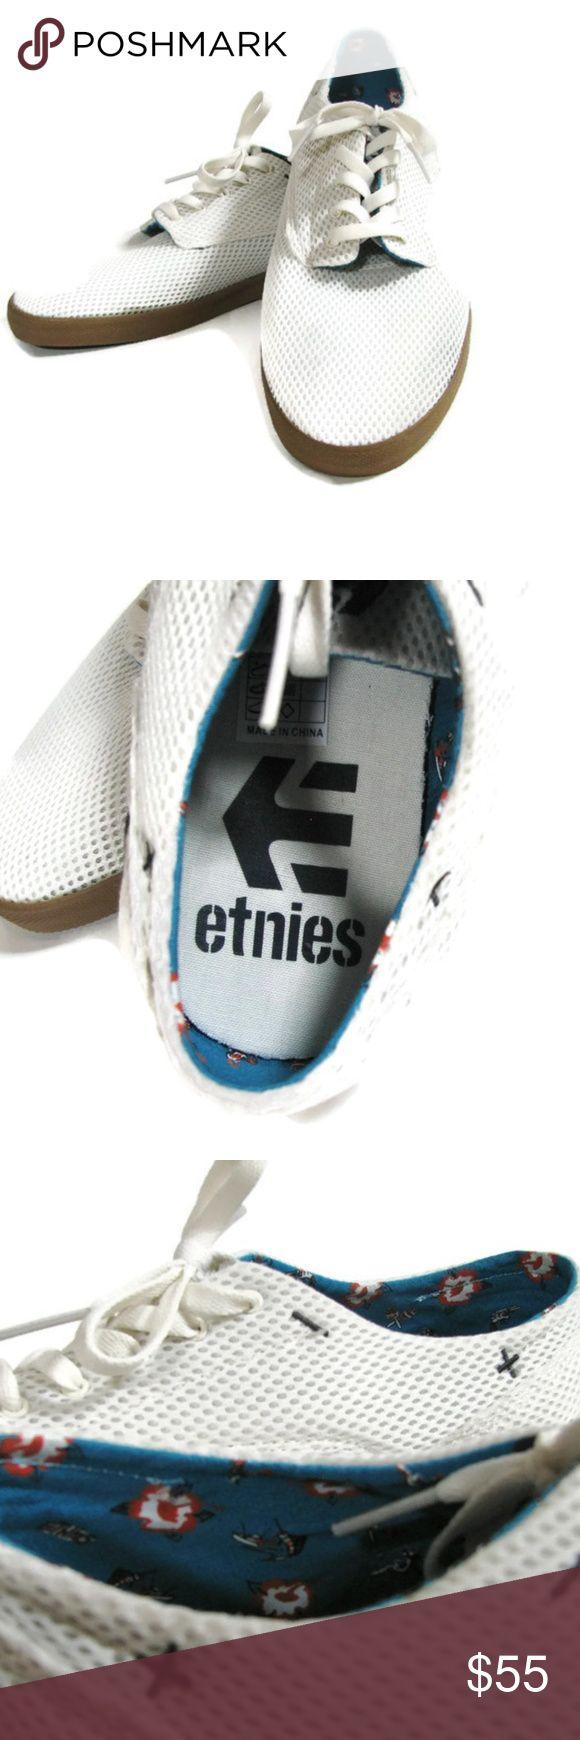 ETNIES Dapper Men's Shoes 10.5 US 8.5 UK Canvas etnies men's Dapper shoes I think they are new.  No sign of wear. US size 10.5, EU size 44, UK size 8.5 Canvas upper, rubber sole Etnies Shoes